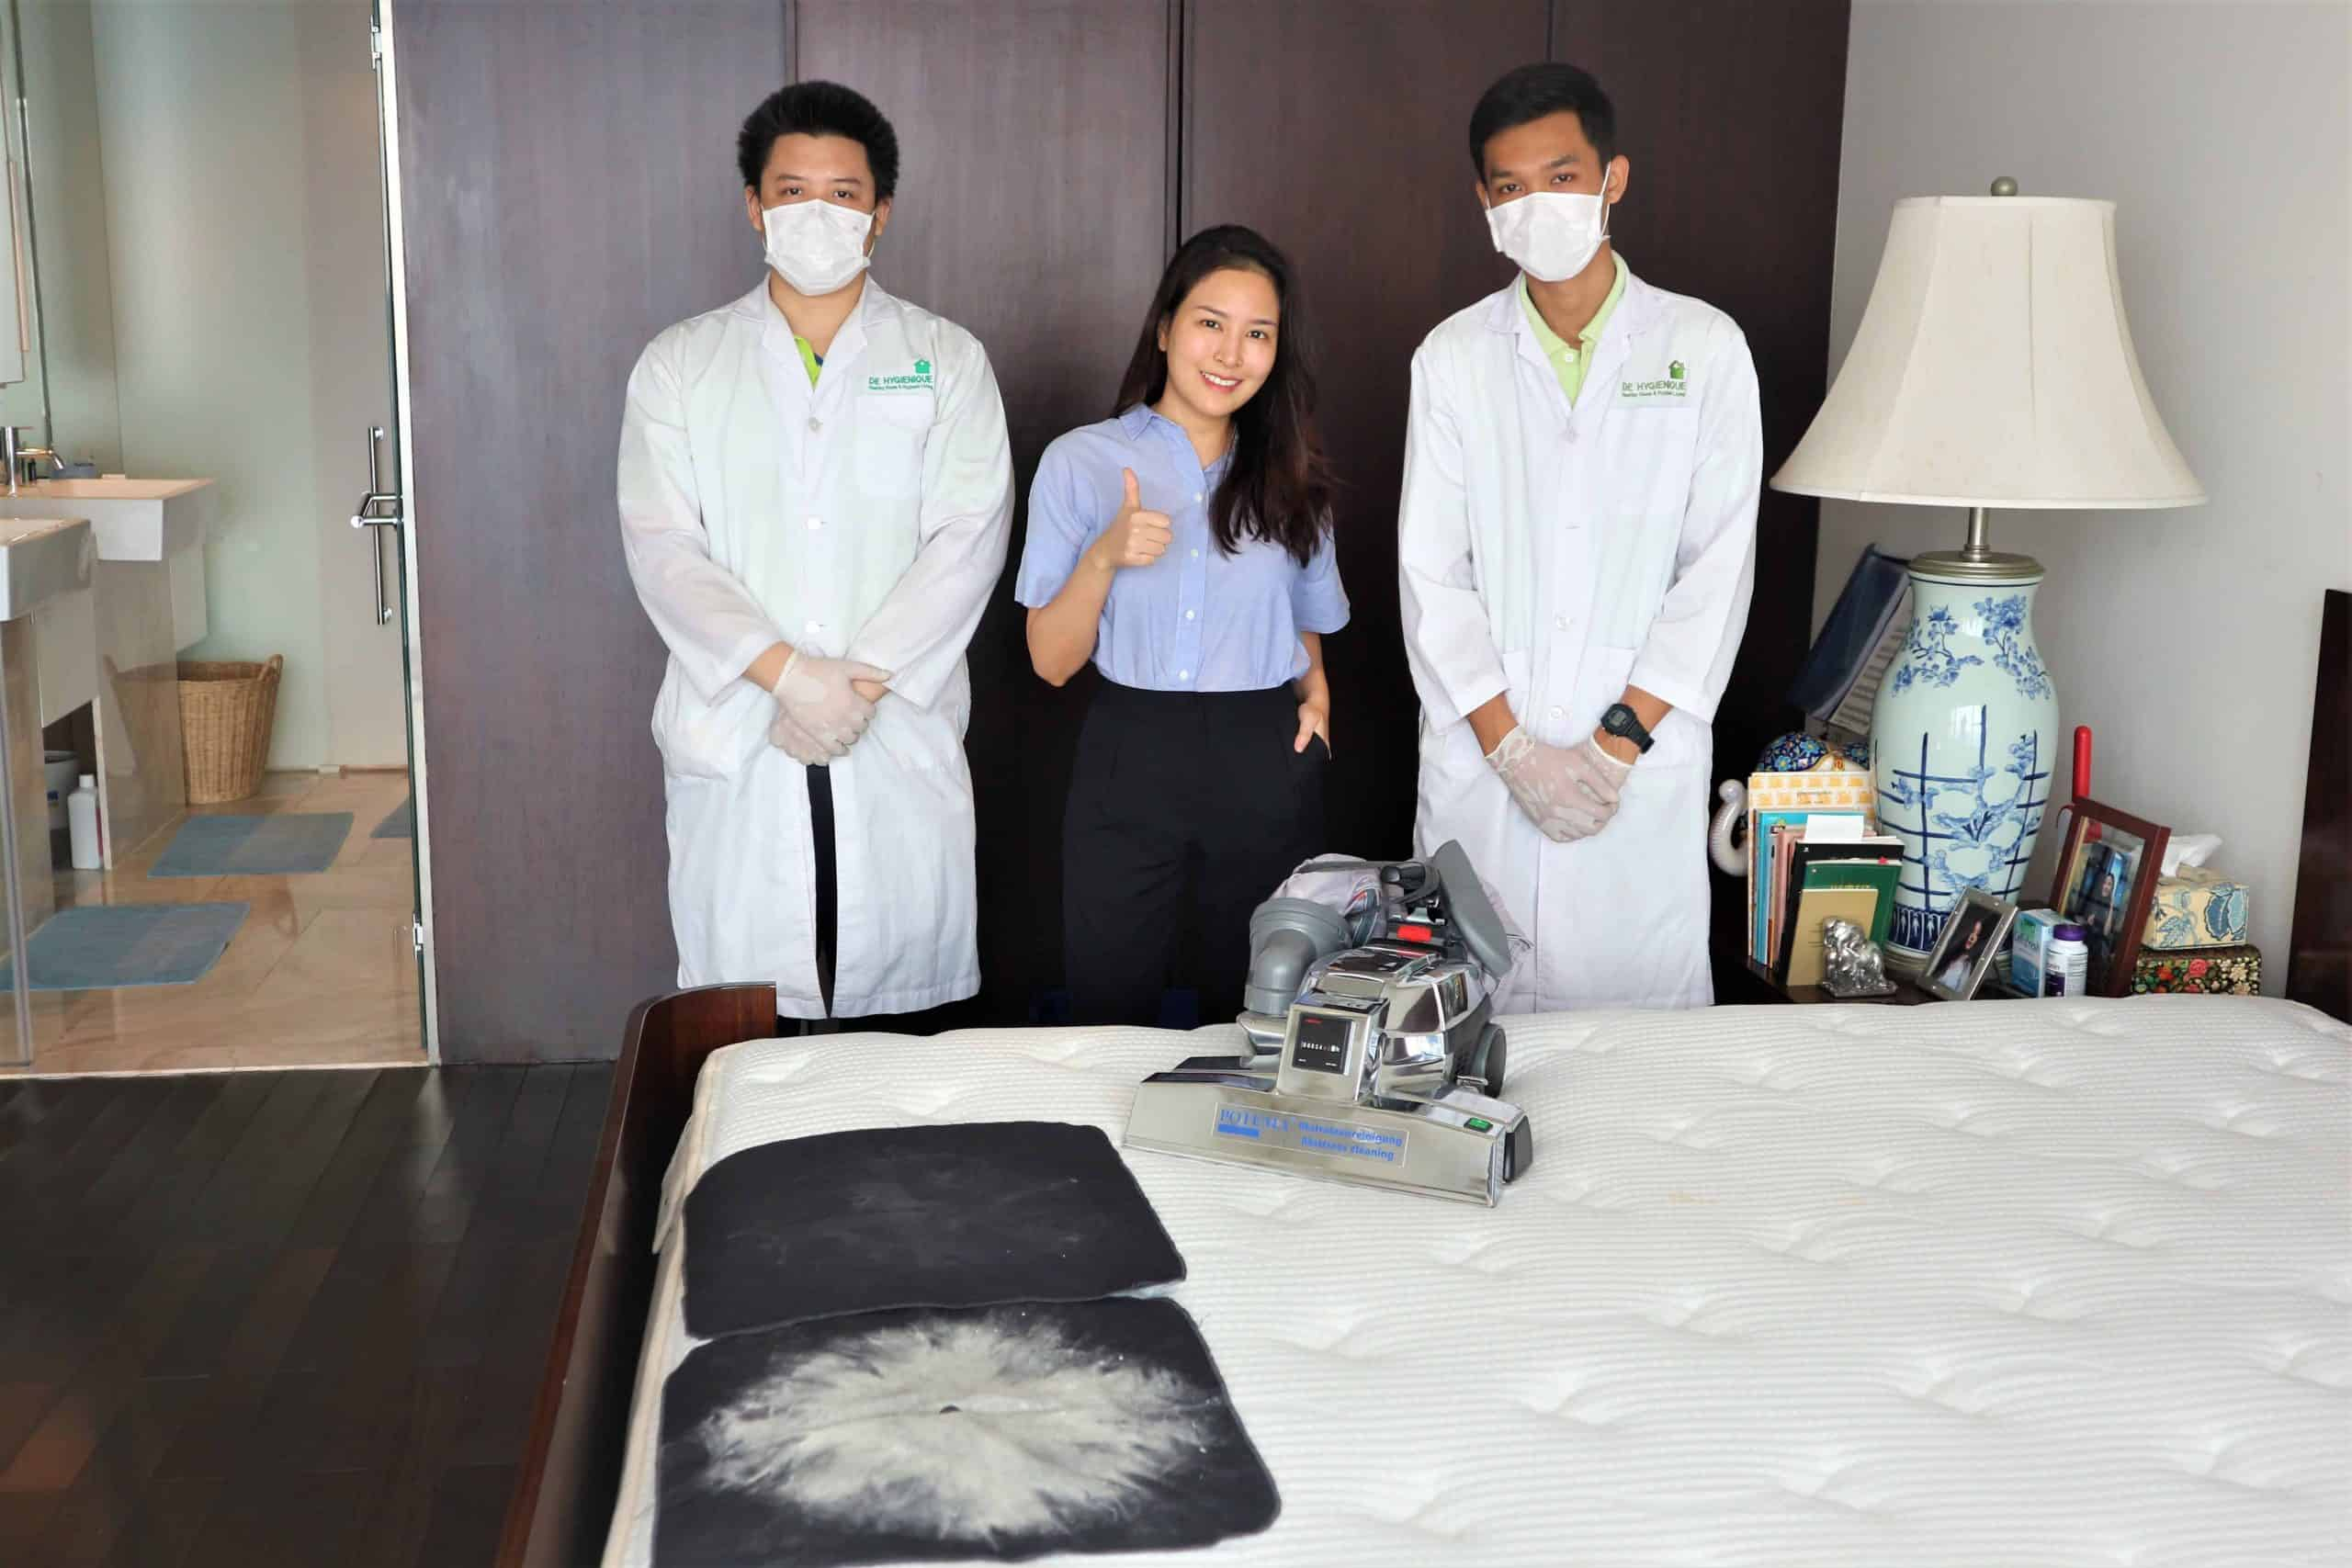 บริการทำความสะอาดพร้อมฆ่าเชื้อโรคบนที่นอน